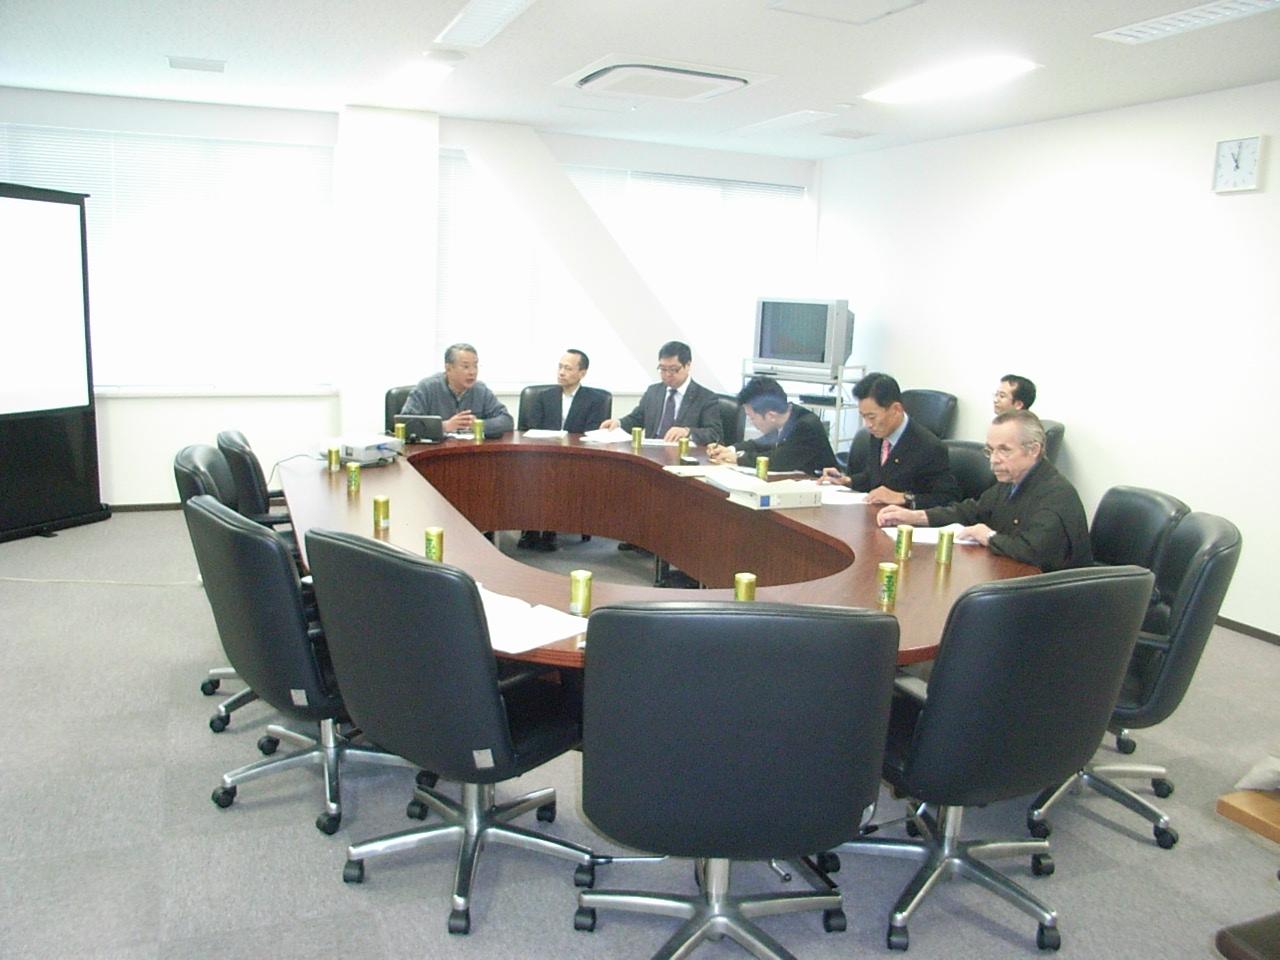 アスベスト対策小委員会役員会